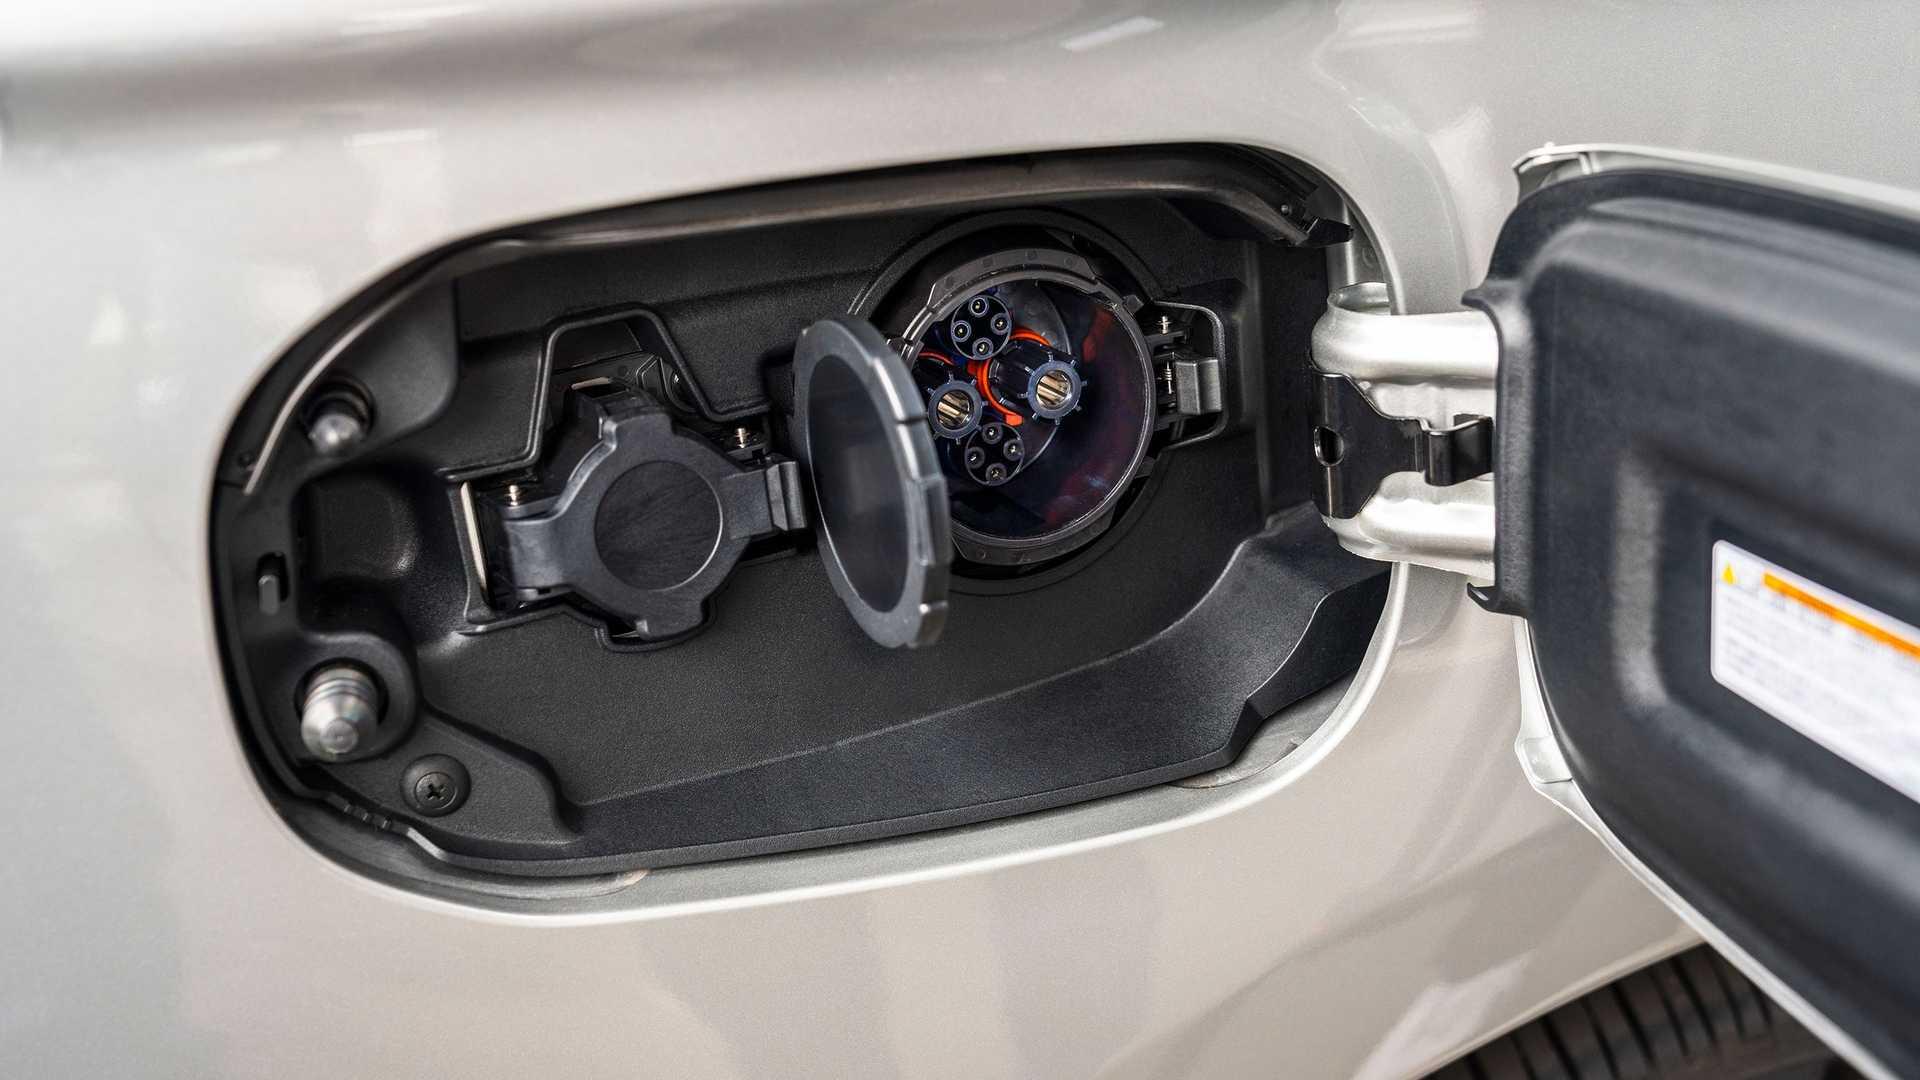 1190501 556 اوتلندر 2021 پلاگین هیبرید؛ نسخه جدیدتر، قویتر اما با قیمت ثابت!/ عکس